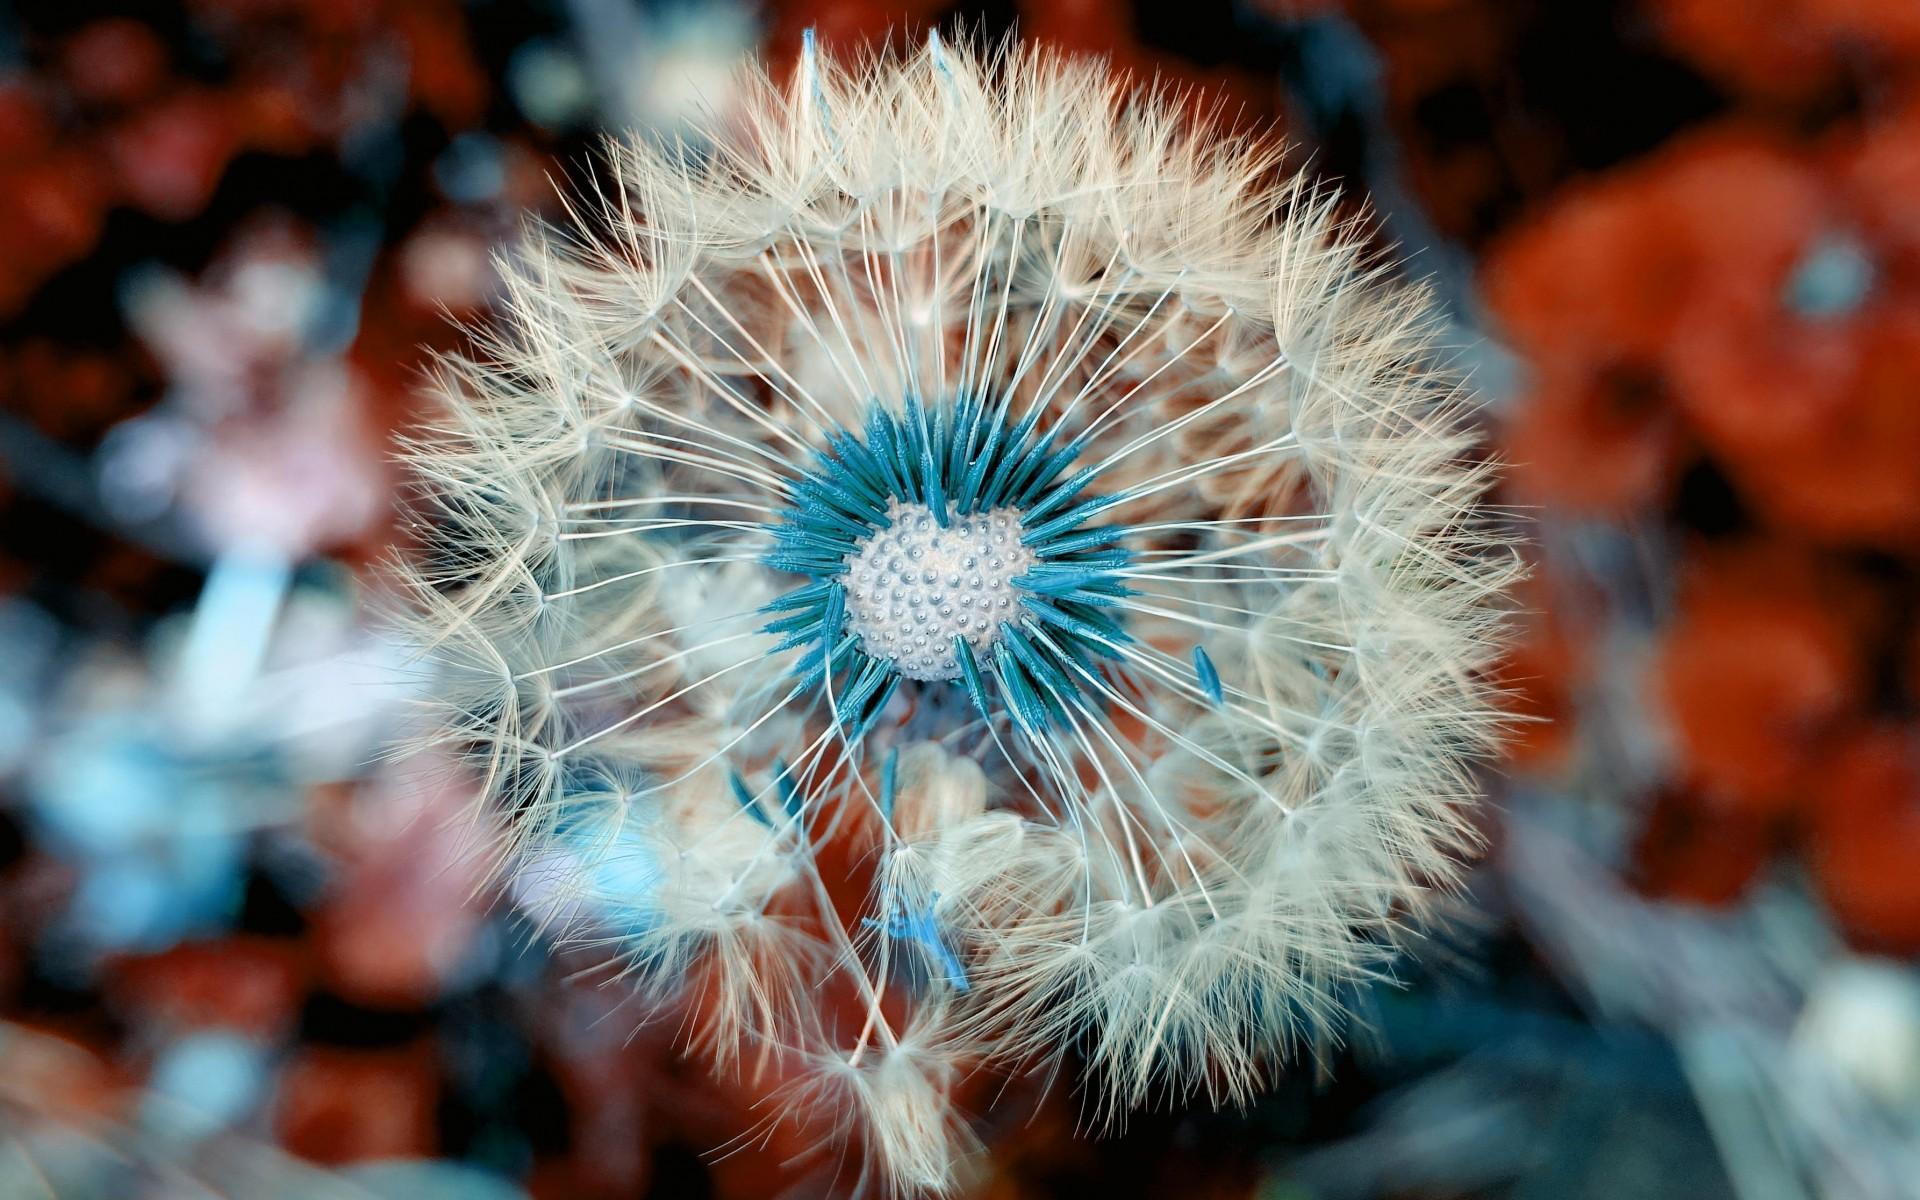 Hình nền hoa bồ công anh đẹp, độc